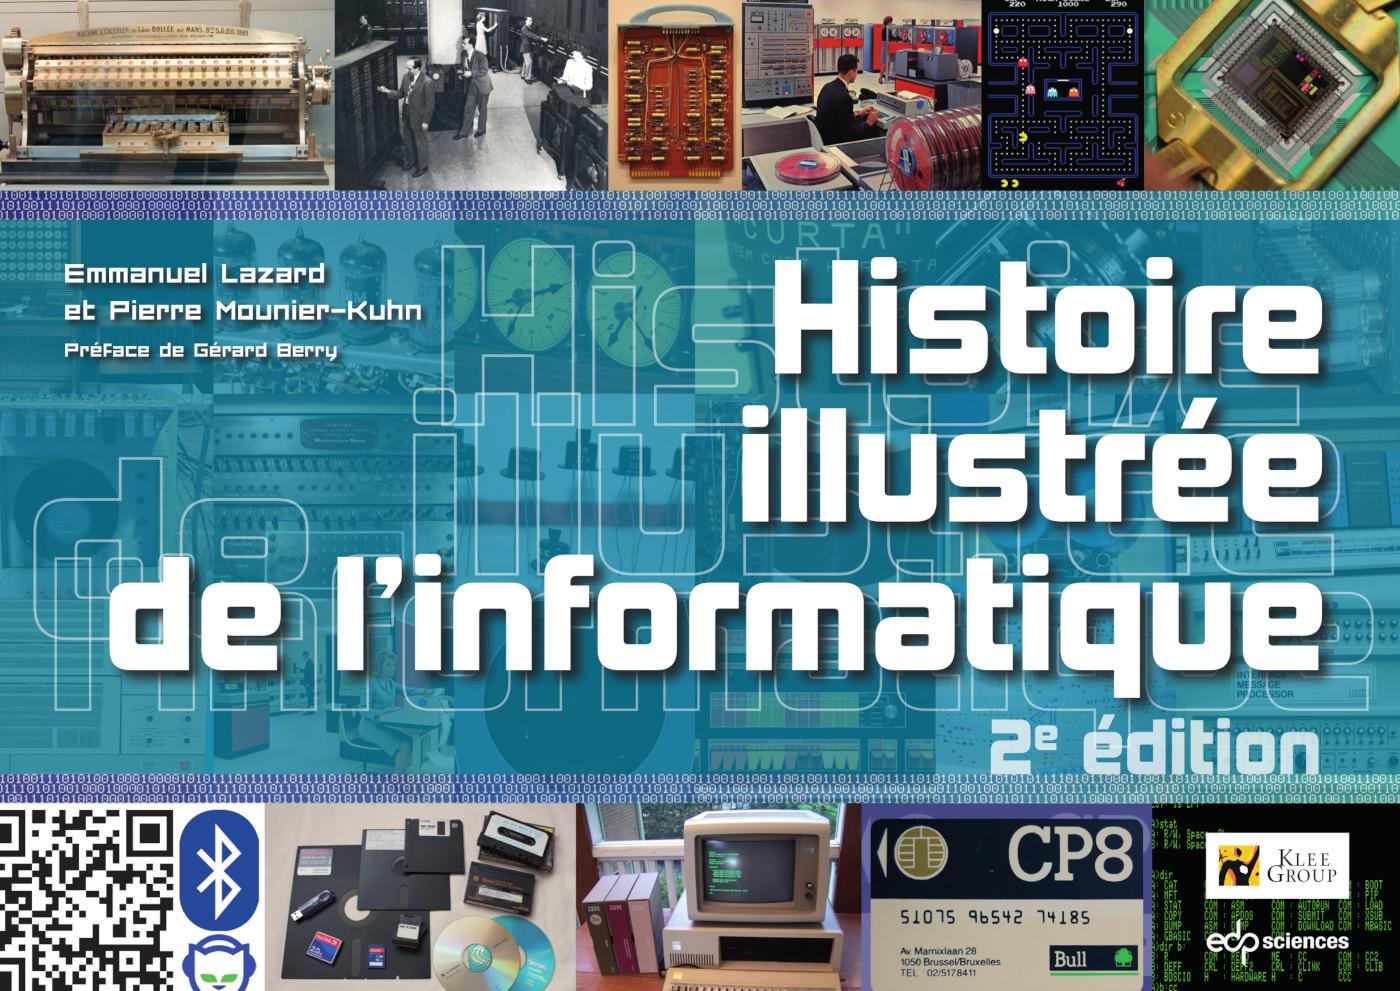 HISTOIRE ILLUSTREE DE L'INFORMATIQUE - 2E EDITION